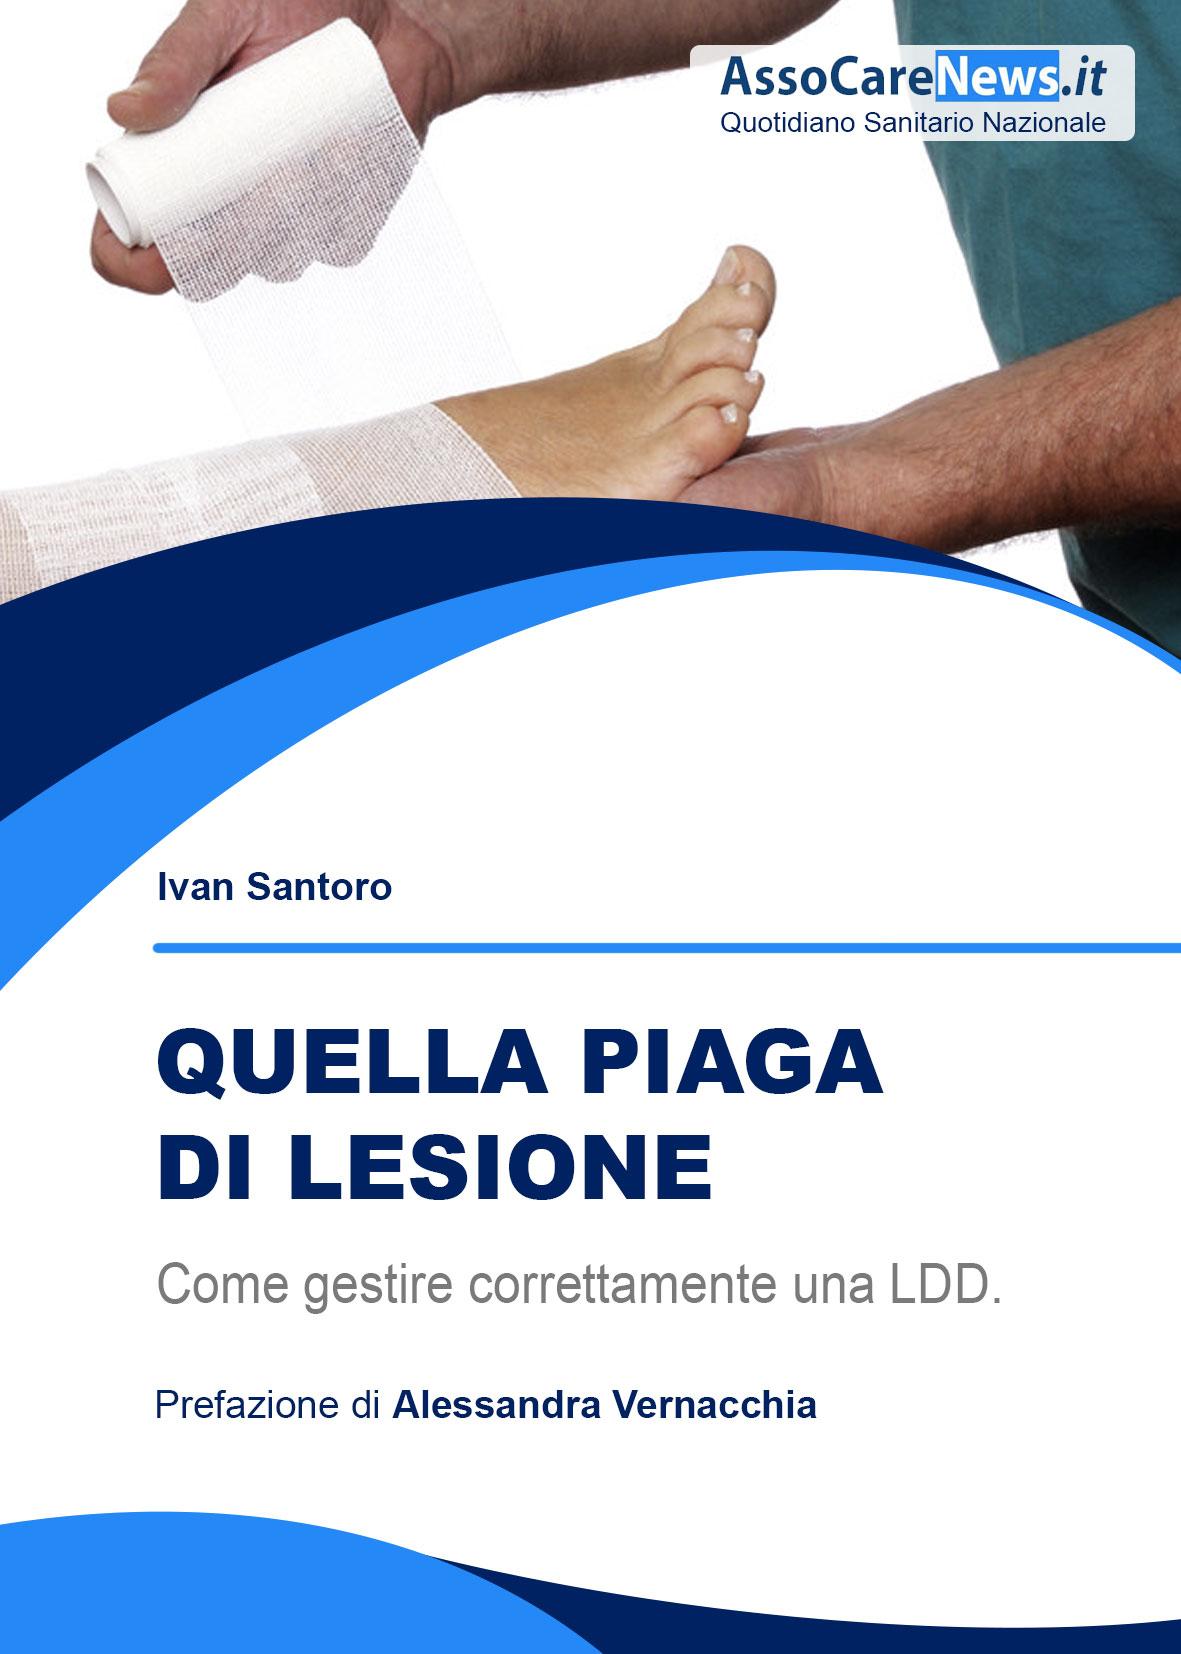 L'e-book di Ivan Santoro sulle LDD.